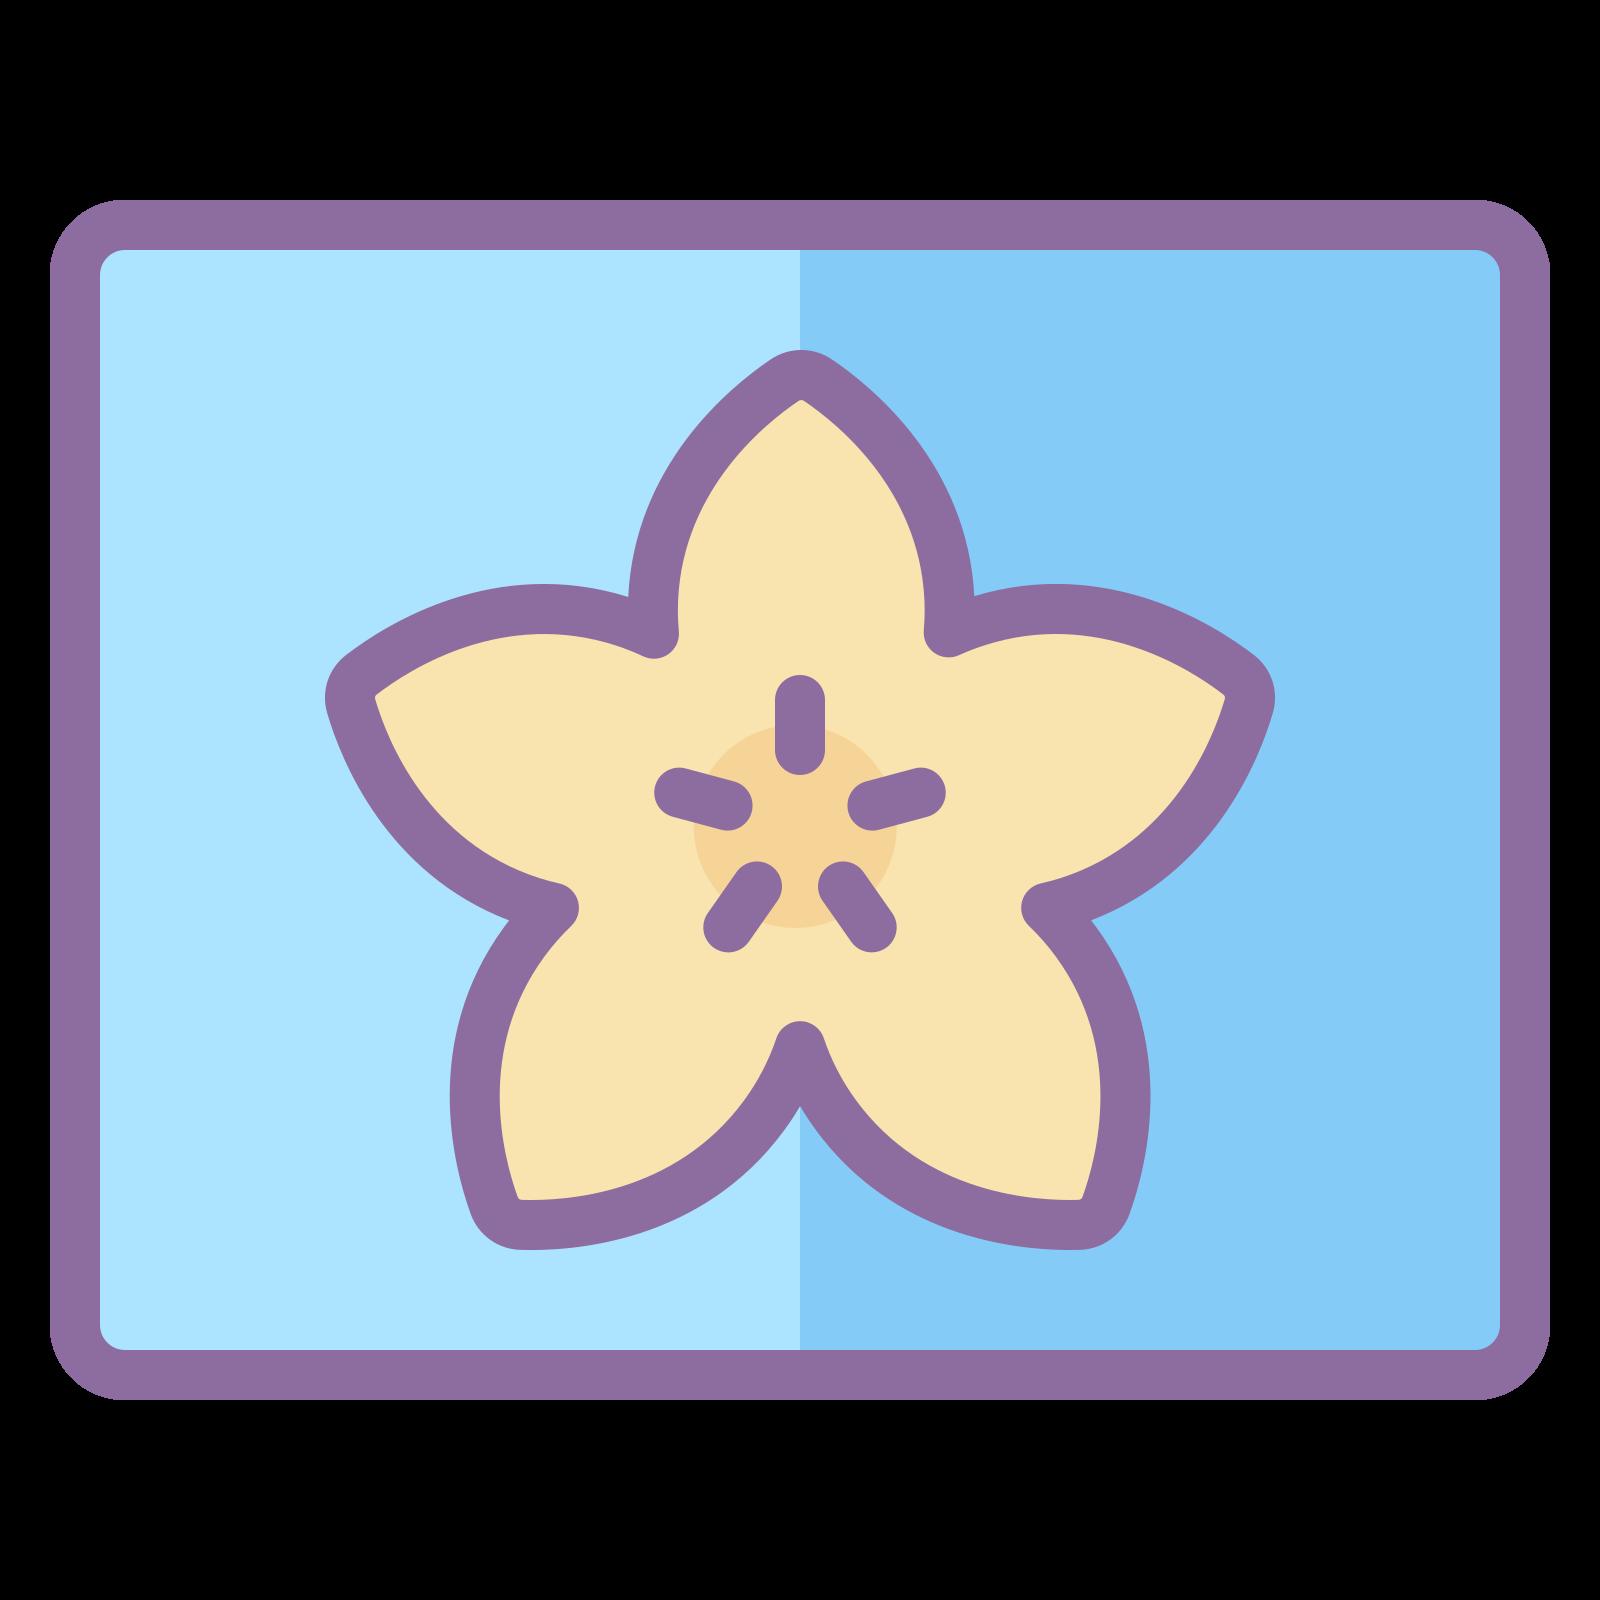 大アイコン icon. The Large Icon has a flower like shape with five rounded point.  In the center there is another 5 points drawn in somewhat lines from the center.  The flower shape is enclosed in a square or a box.